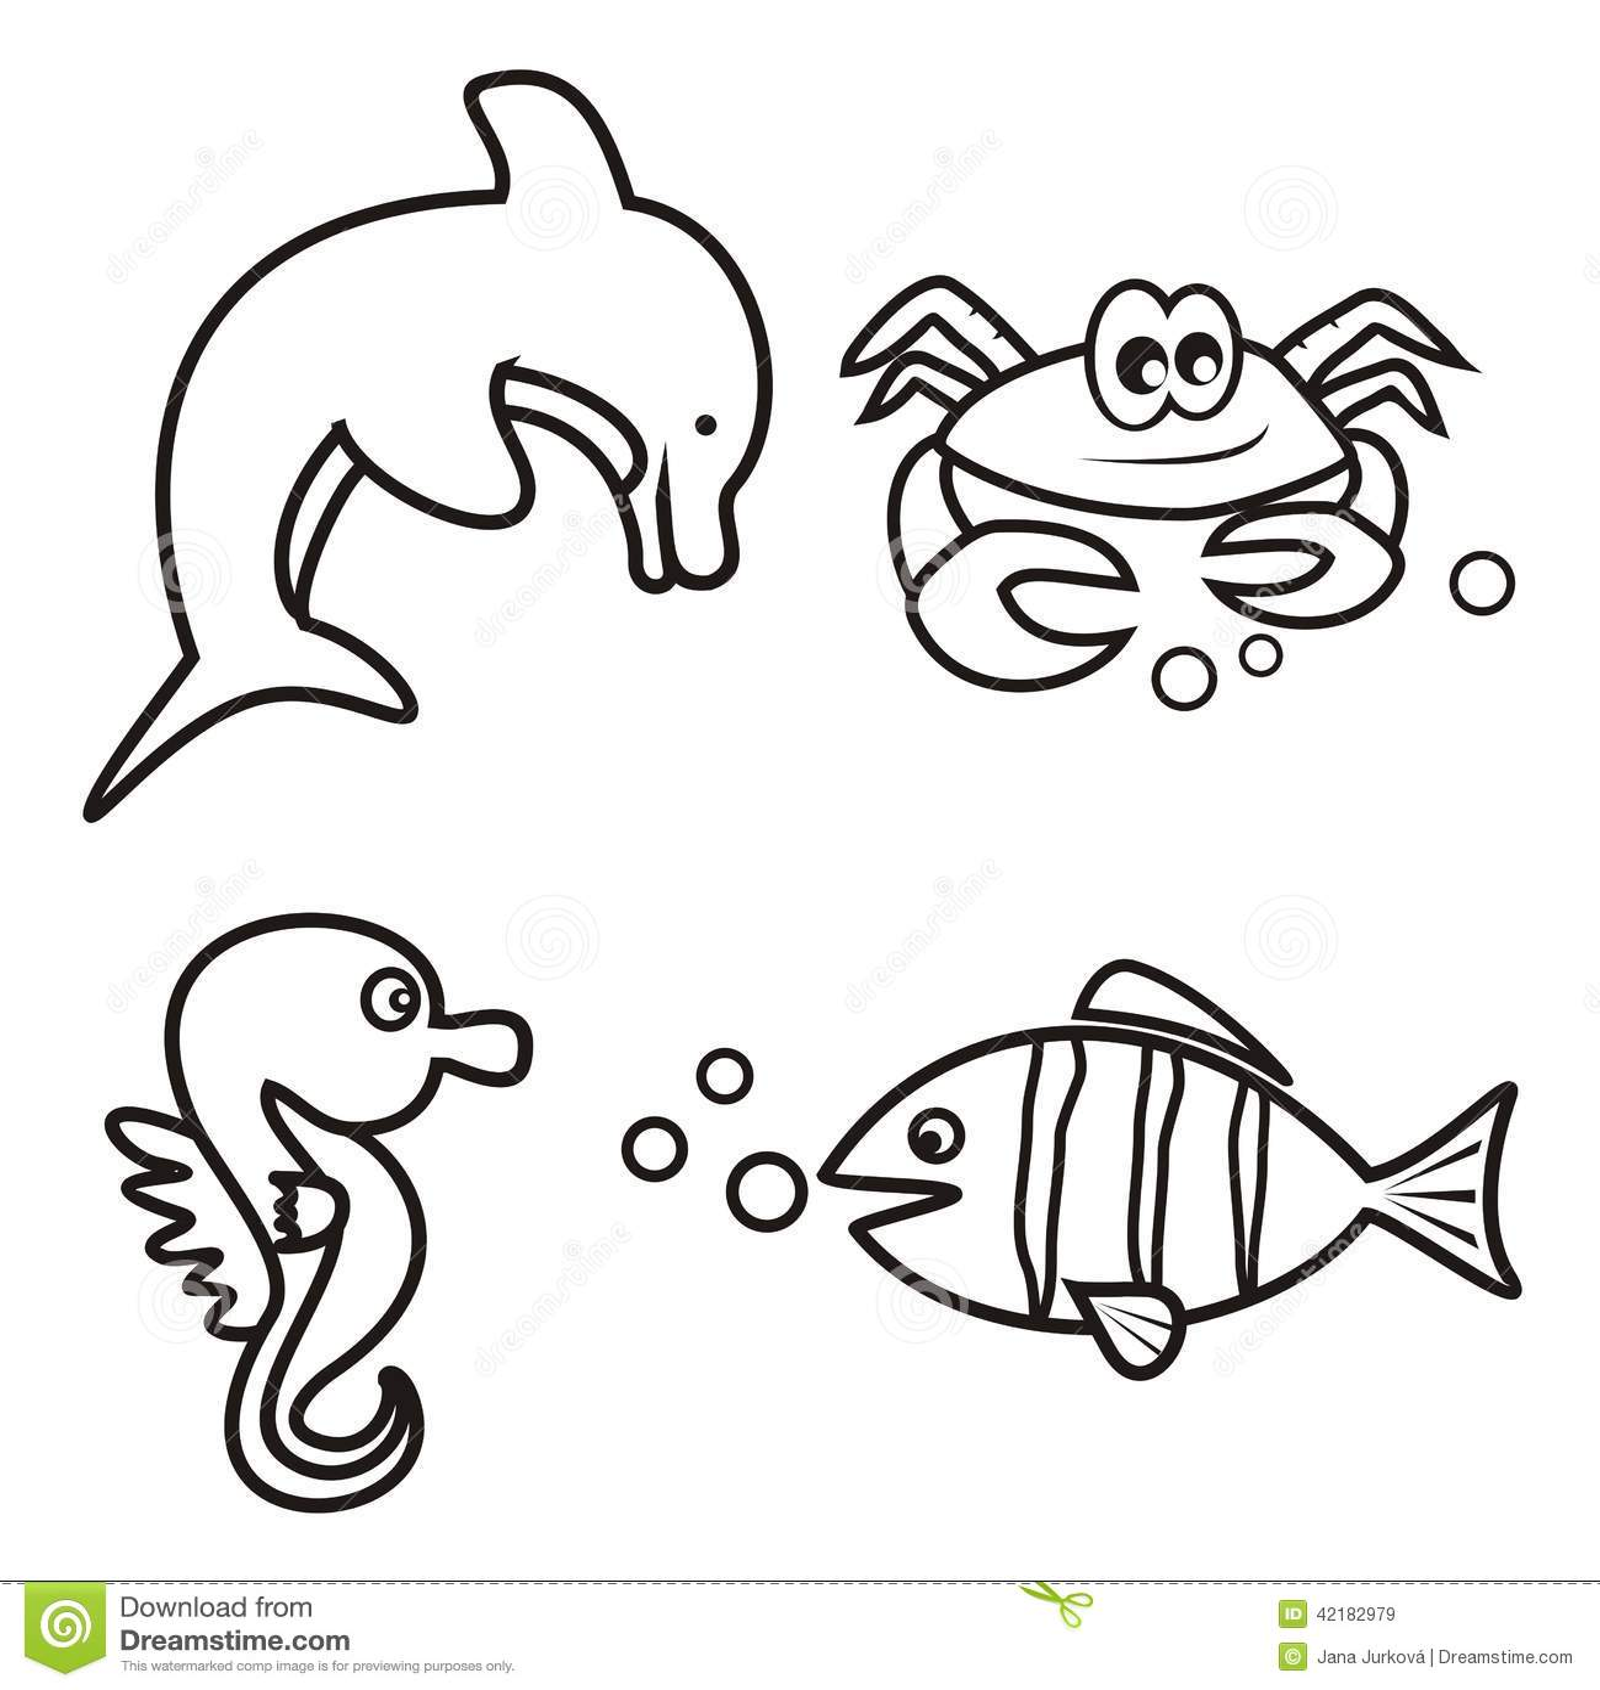 Coloriage Crabe Dauphin.Espece Marine Livre De Coloriage Illustration De Vecteur